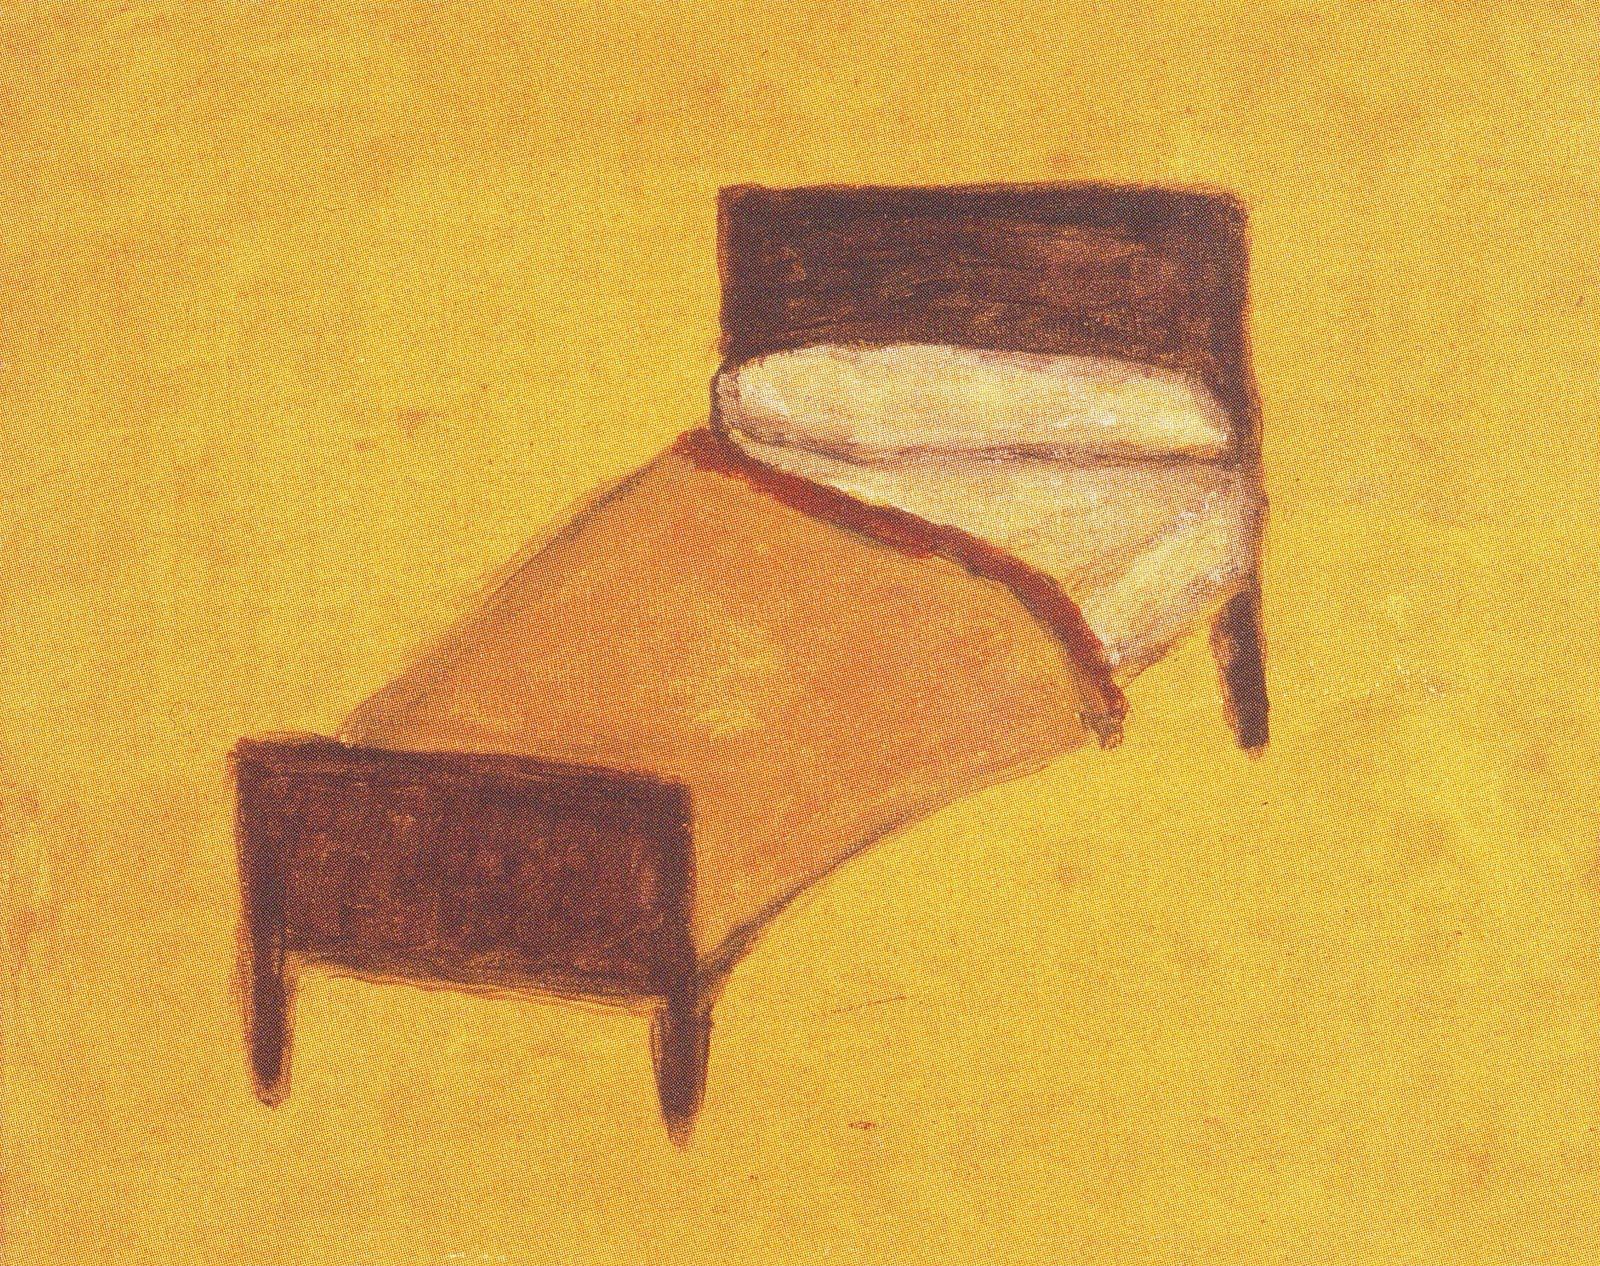 CCL - OBRAS: El viaje de una cama en Guillermo Kuitca